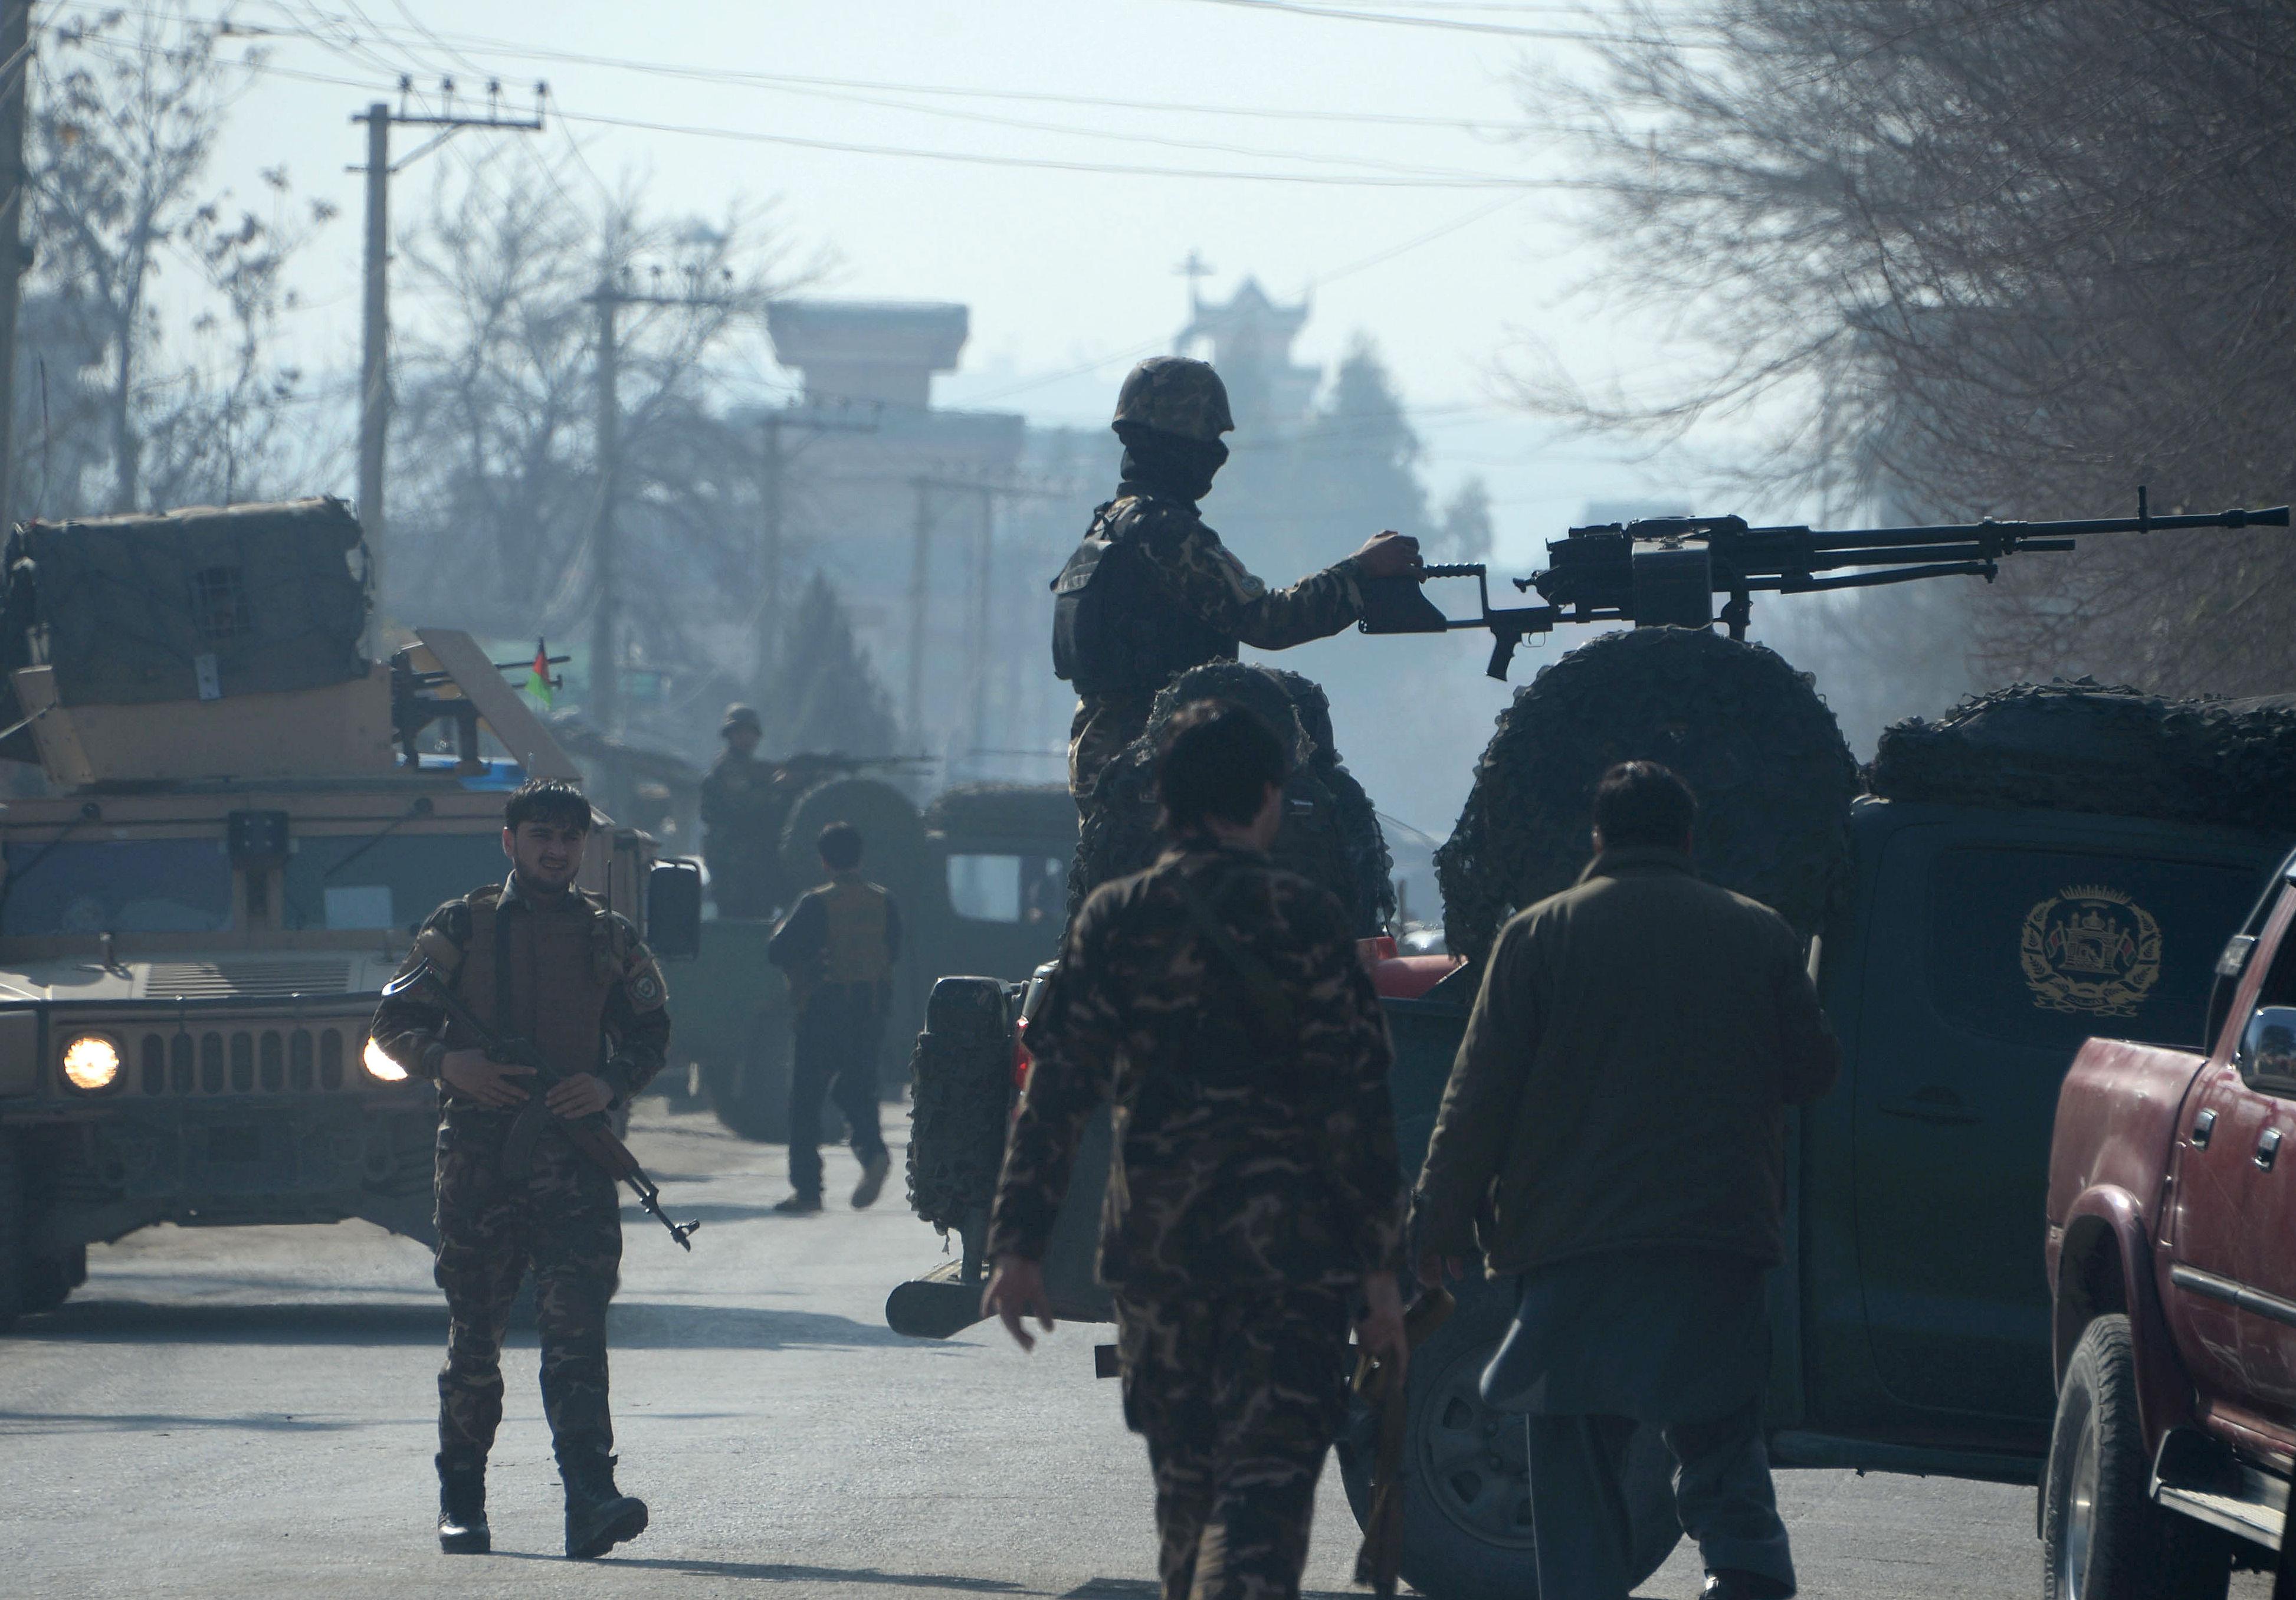 Agentes das forças de segurança afegãs, em estado de alerta, guardam o local do ataque suicida em Jalalabad, Afeganistão, 17 de janeiro de 2016